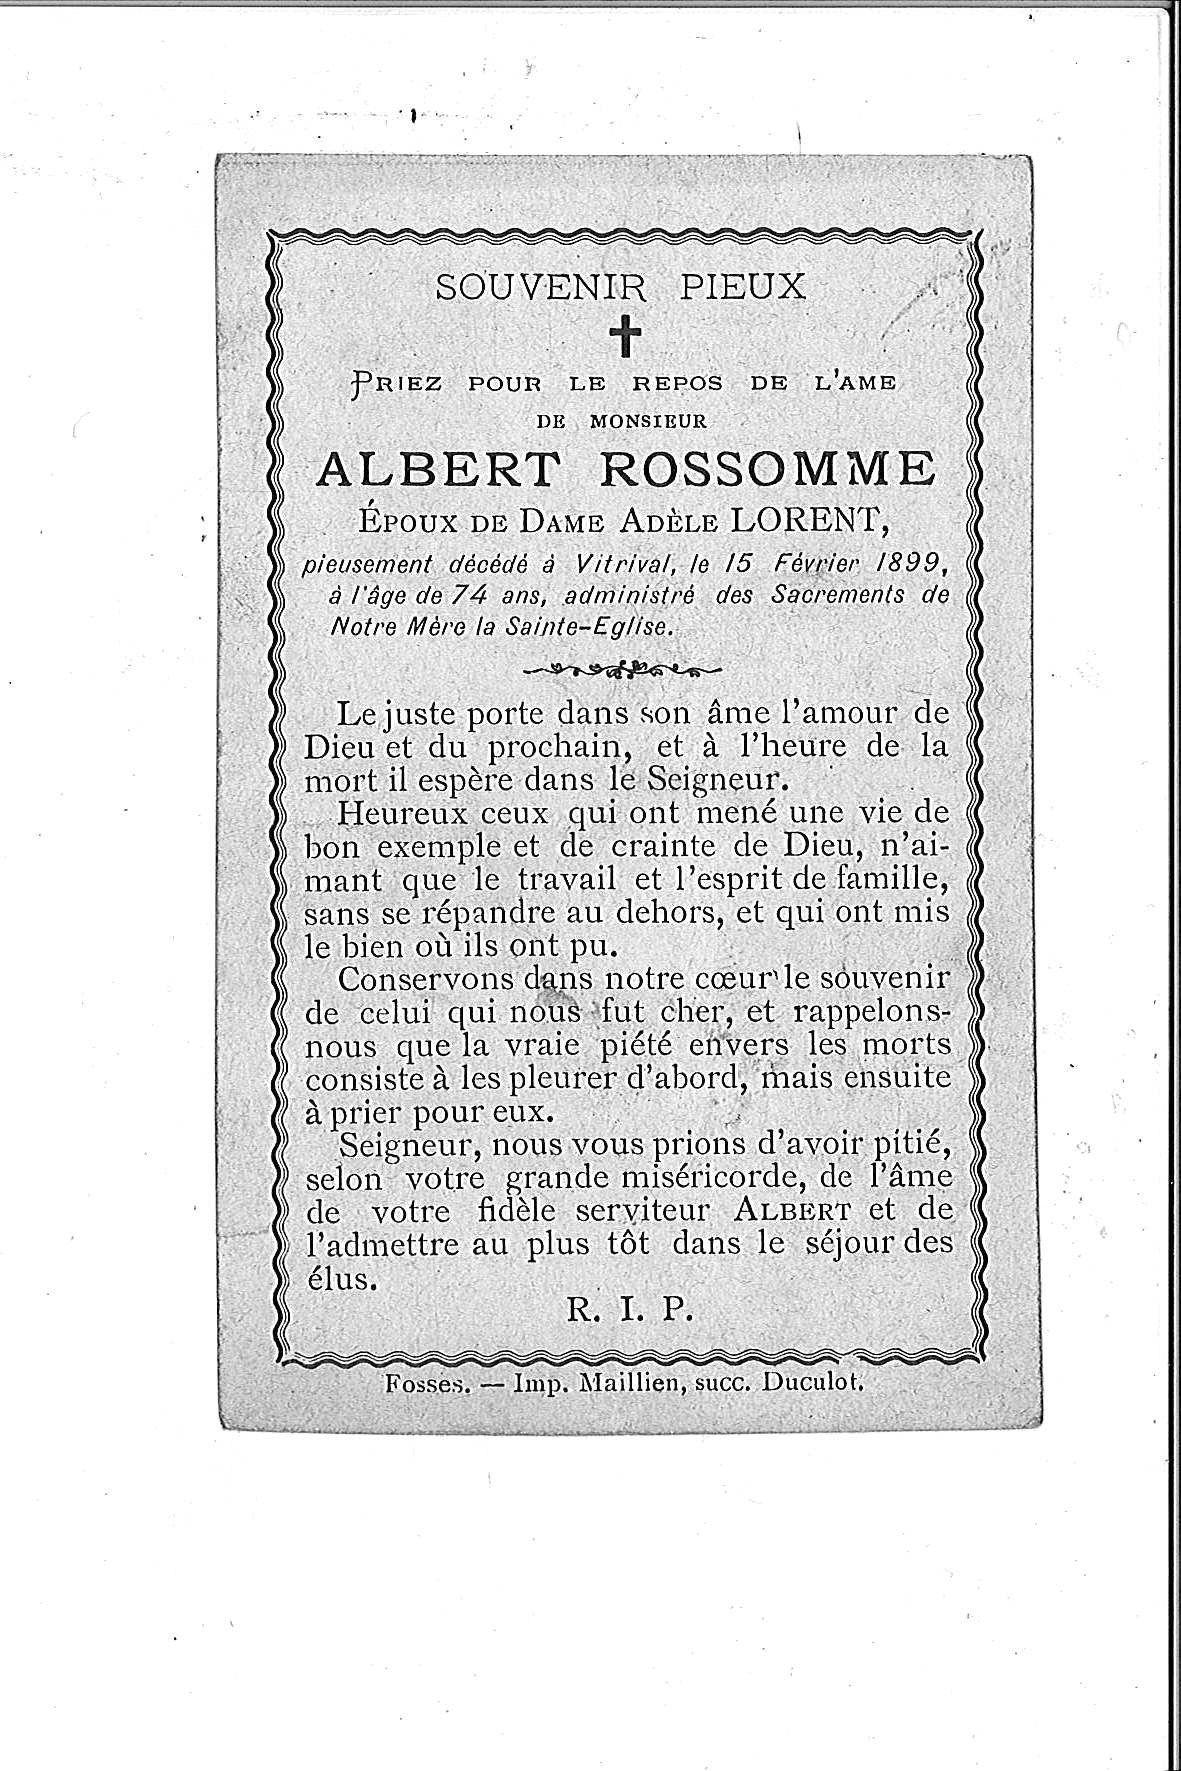 Albert(1899)20141222151037_00063.jpg